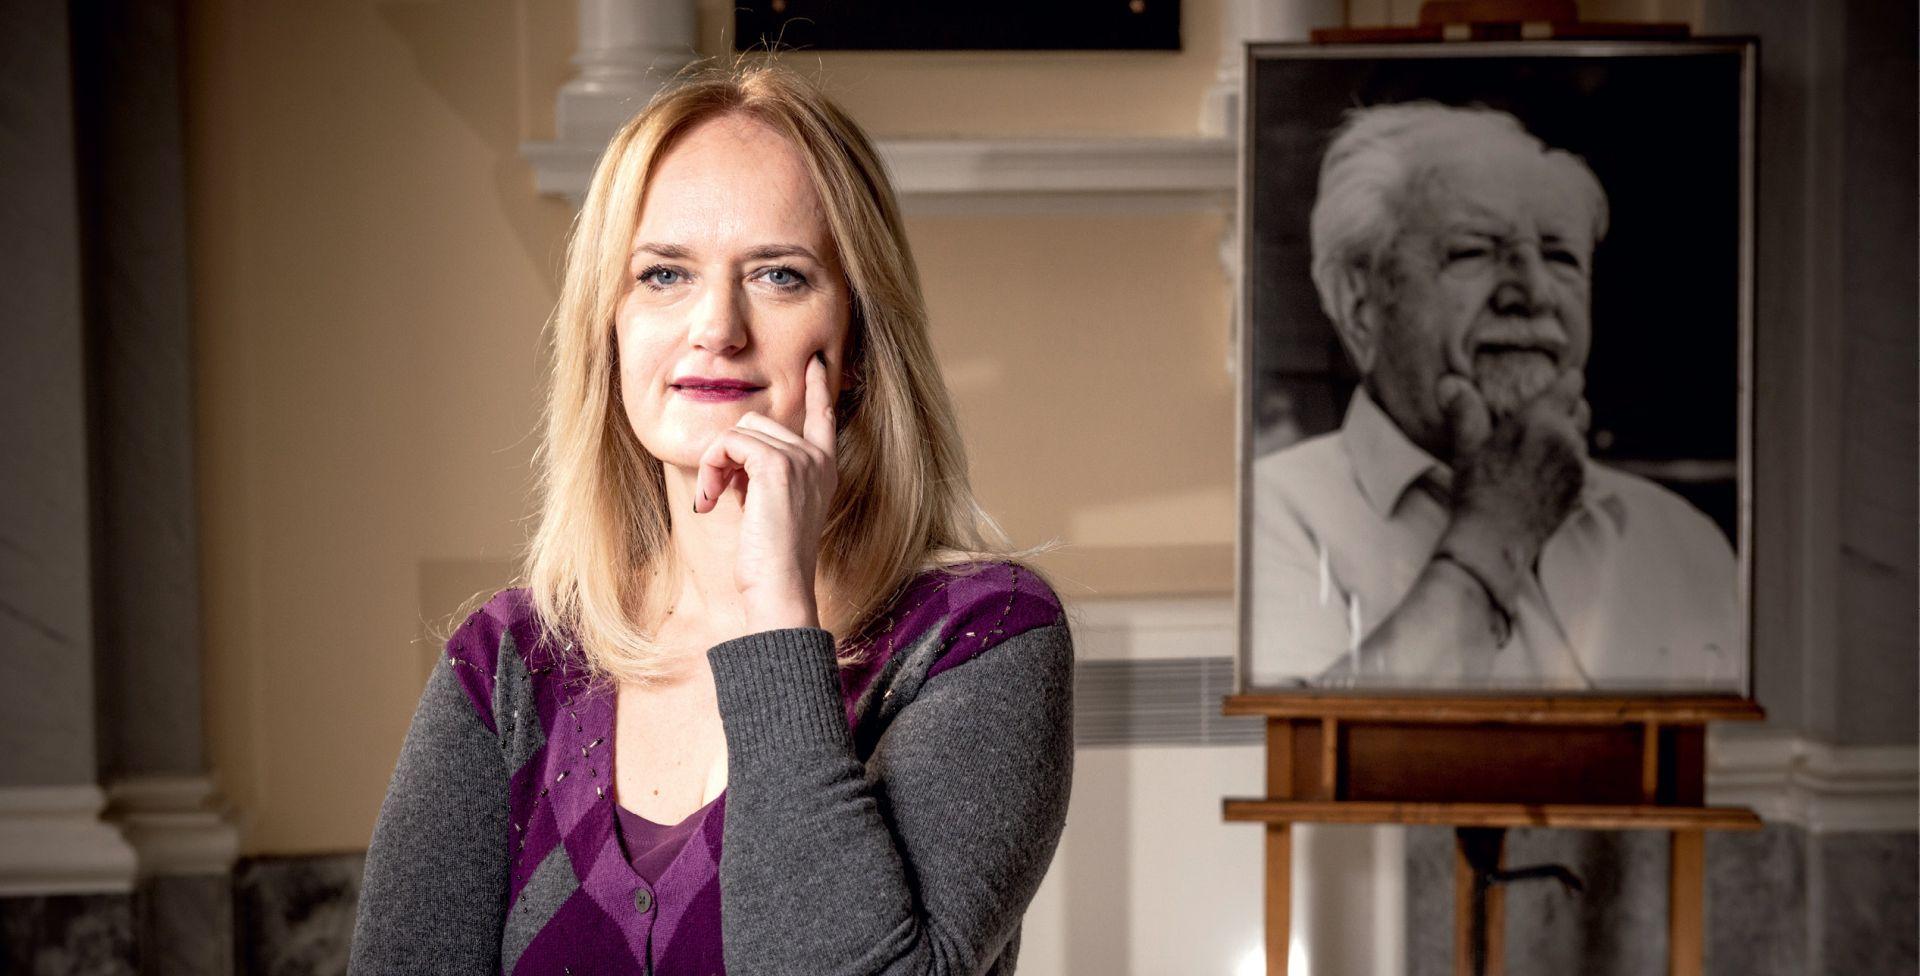 INTERVIEW: CORINNE ENQUIST 'Ne da nije bio povjesničar umjetnosti, nego Mimara nije završio ni osnovnu školu'